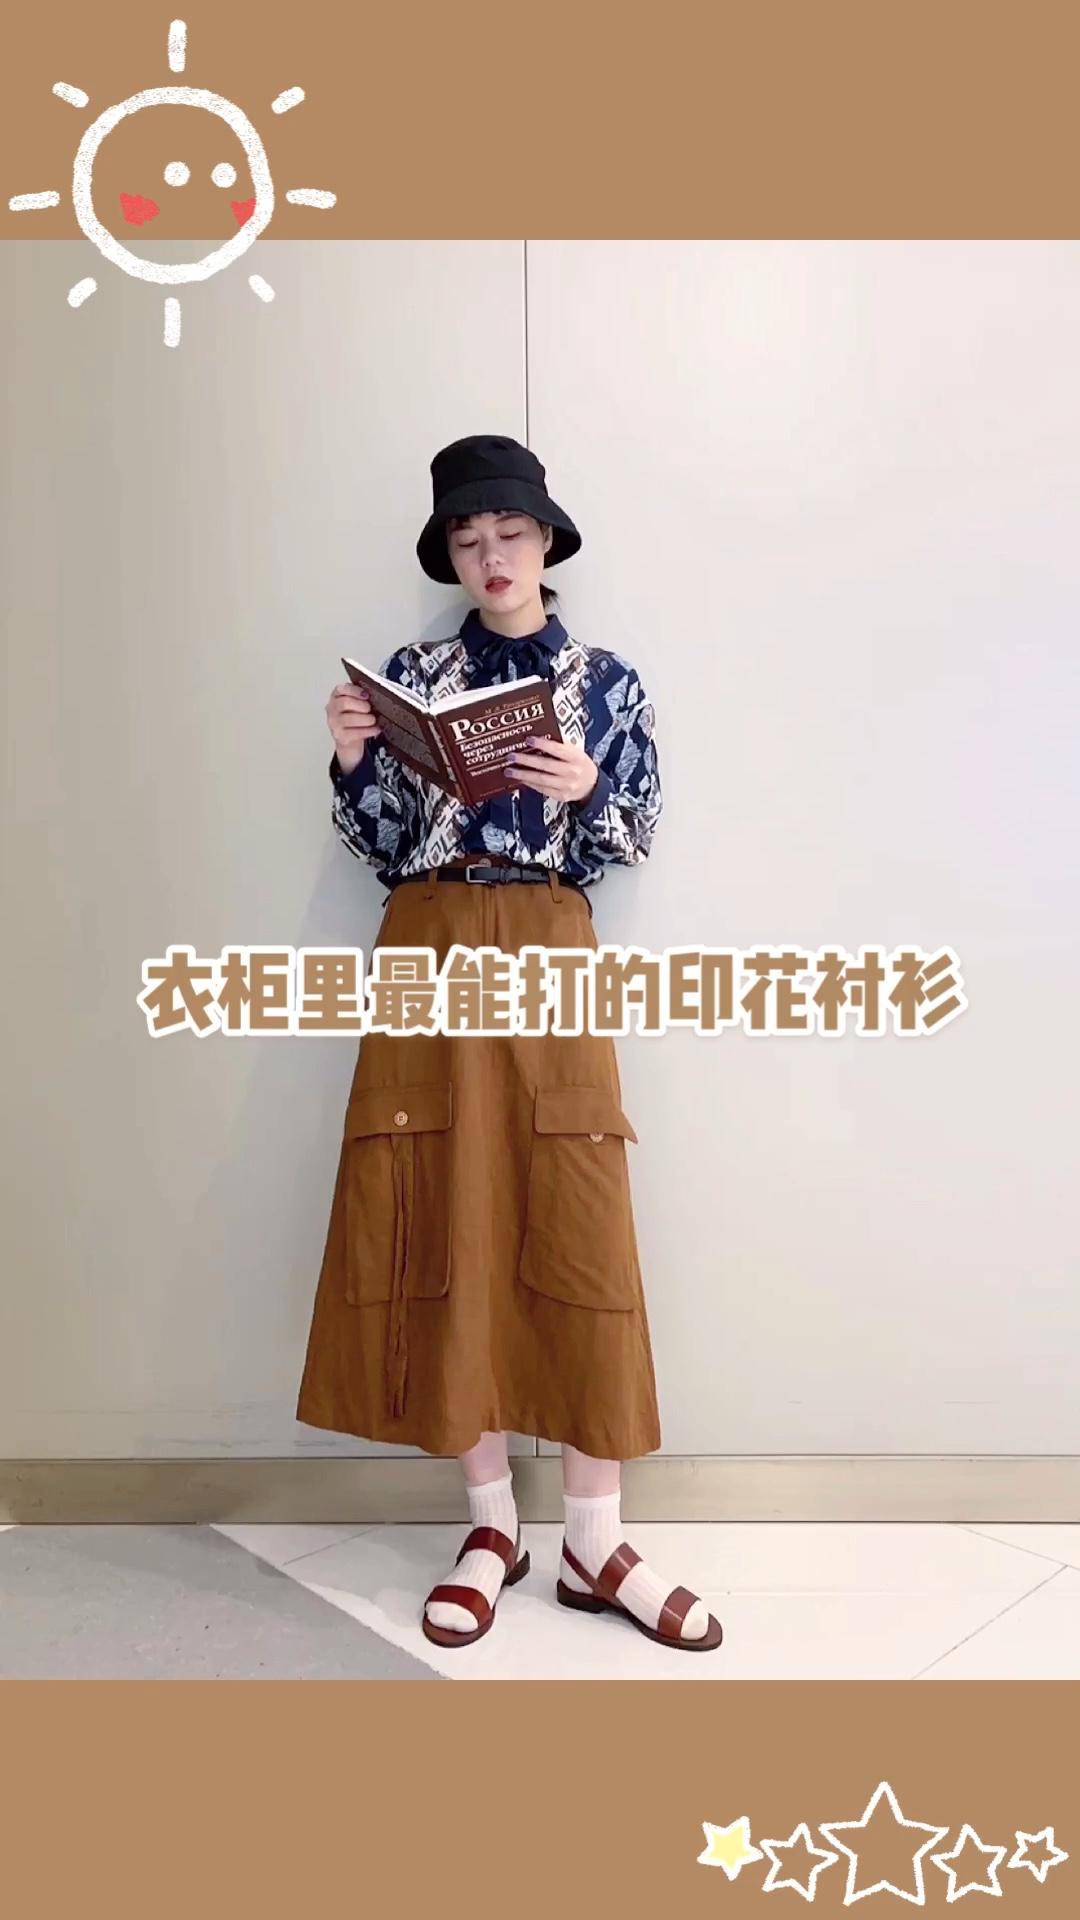 #开学季,校园女神穿搭攻略#   很显瘦的一套 半裙的版型真的很棒 面料舒服又显瘦 印花衬衫也是比较偏爱的一款 这一身的搭配即复古又知性 爱了爱了~